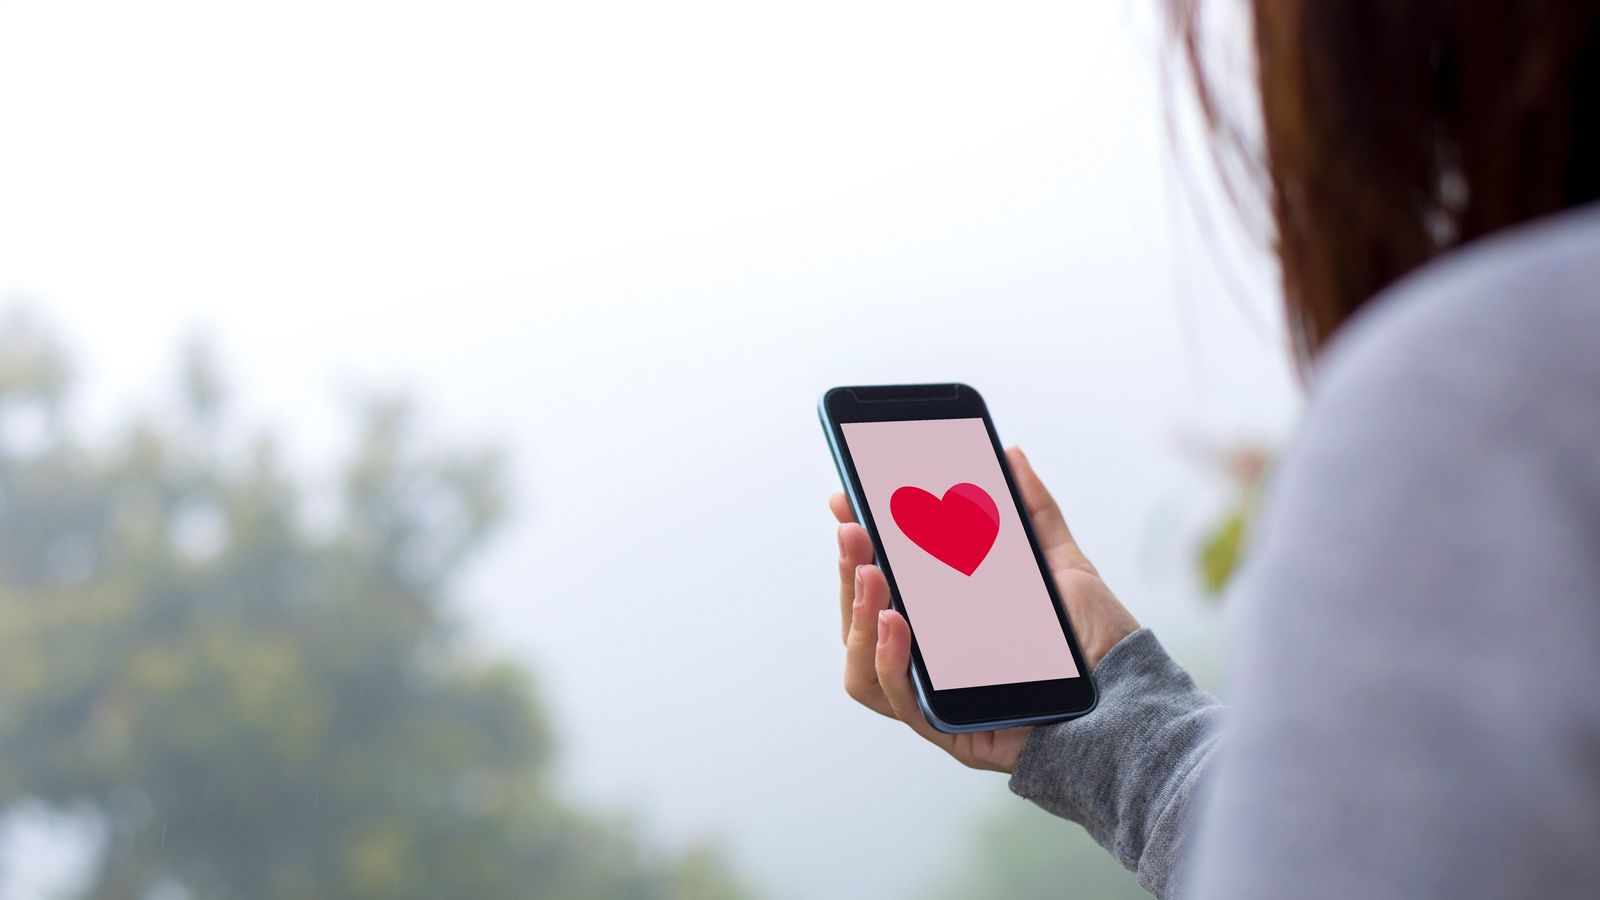 """「恋愛はスキップして、""""三平""""と結婚したい」婚活アプリが流行るワケ 急成長する「婚活市場」にひそむ本音"""